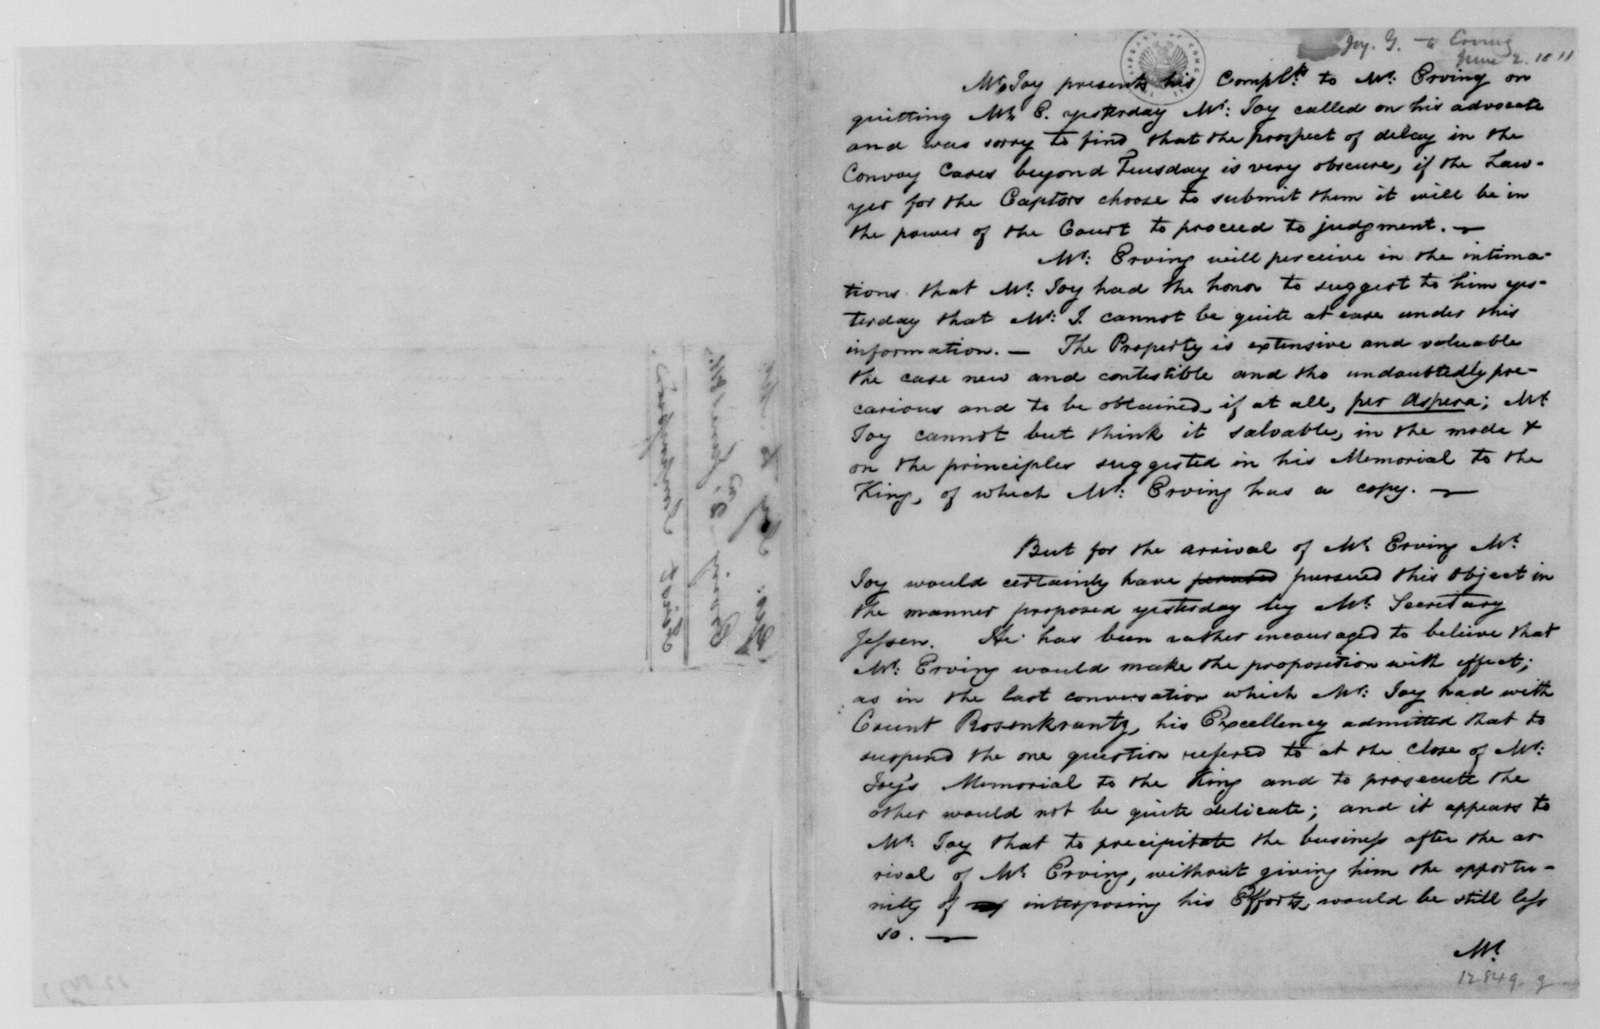 George Joy to George W. Erving, June 2, 1811.